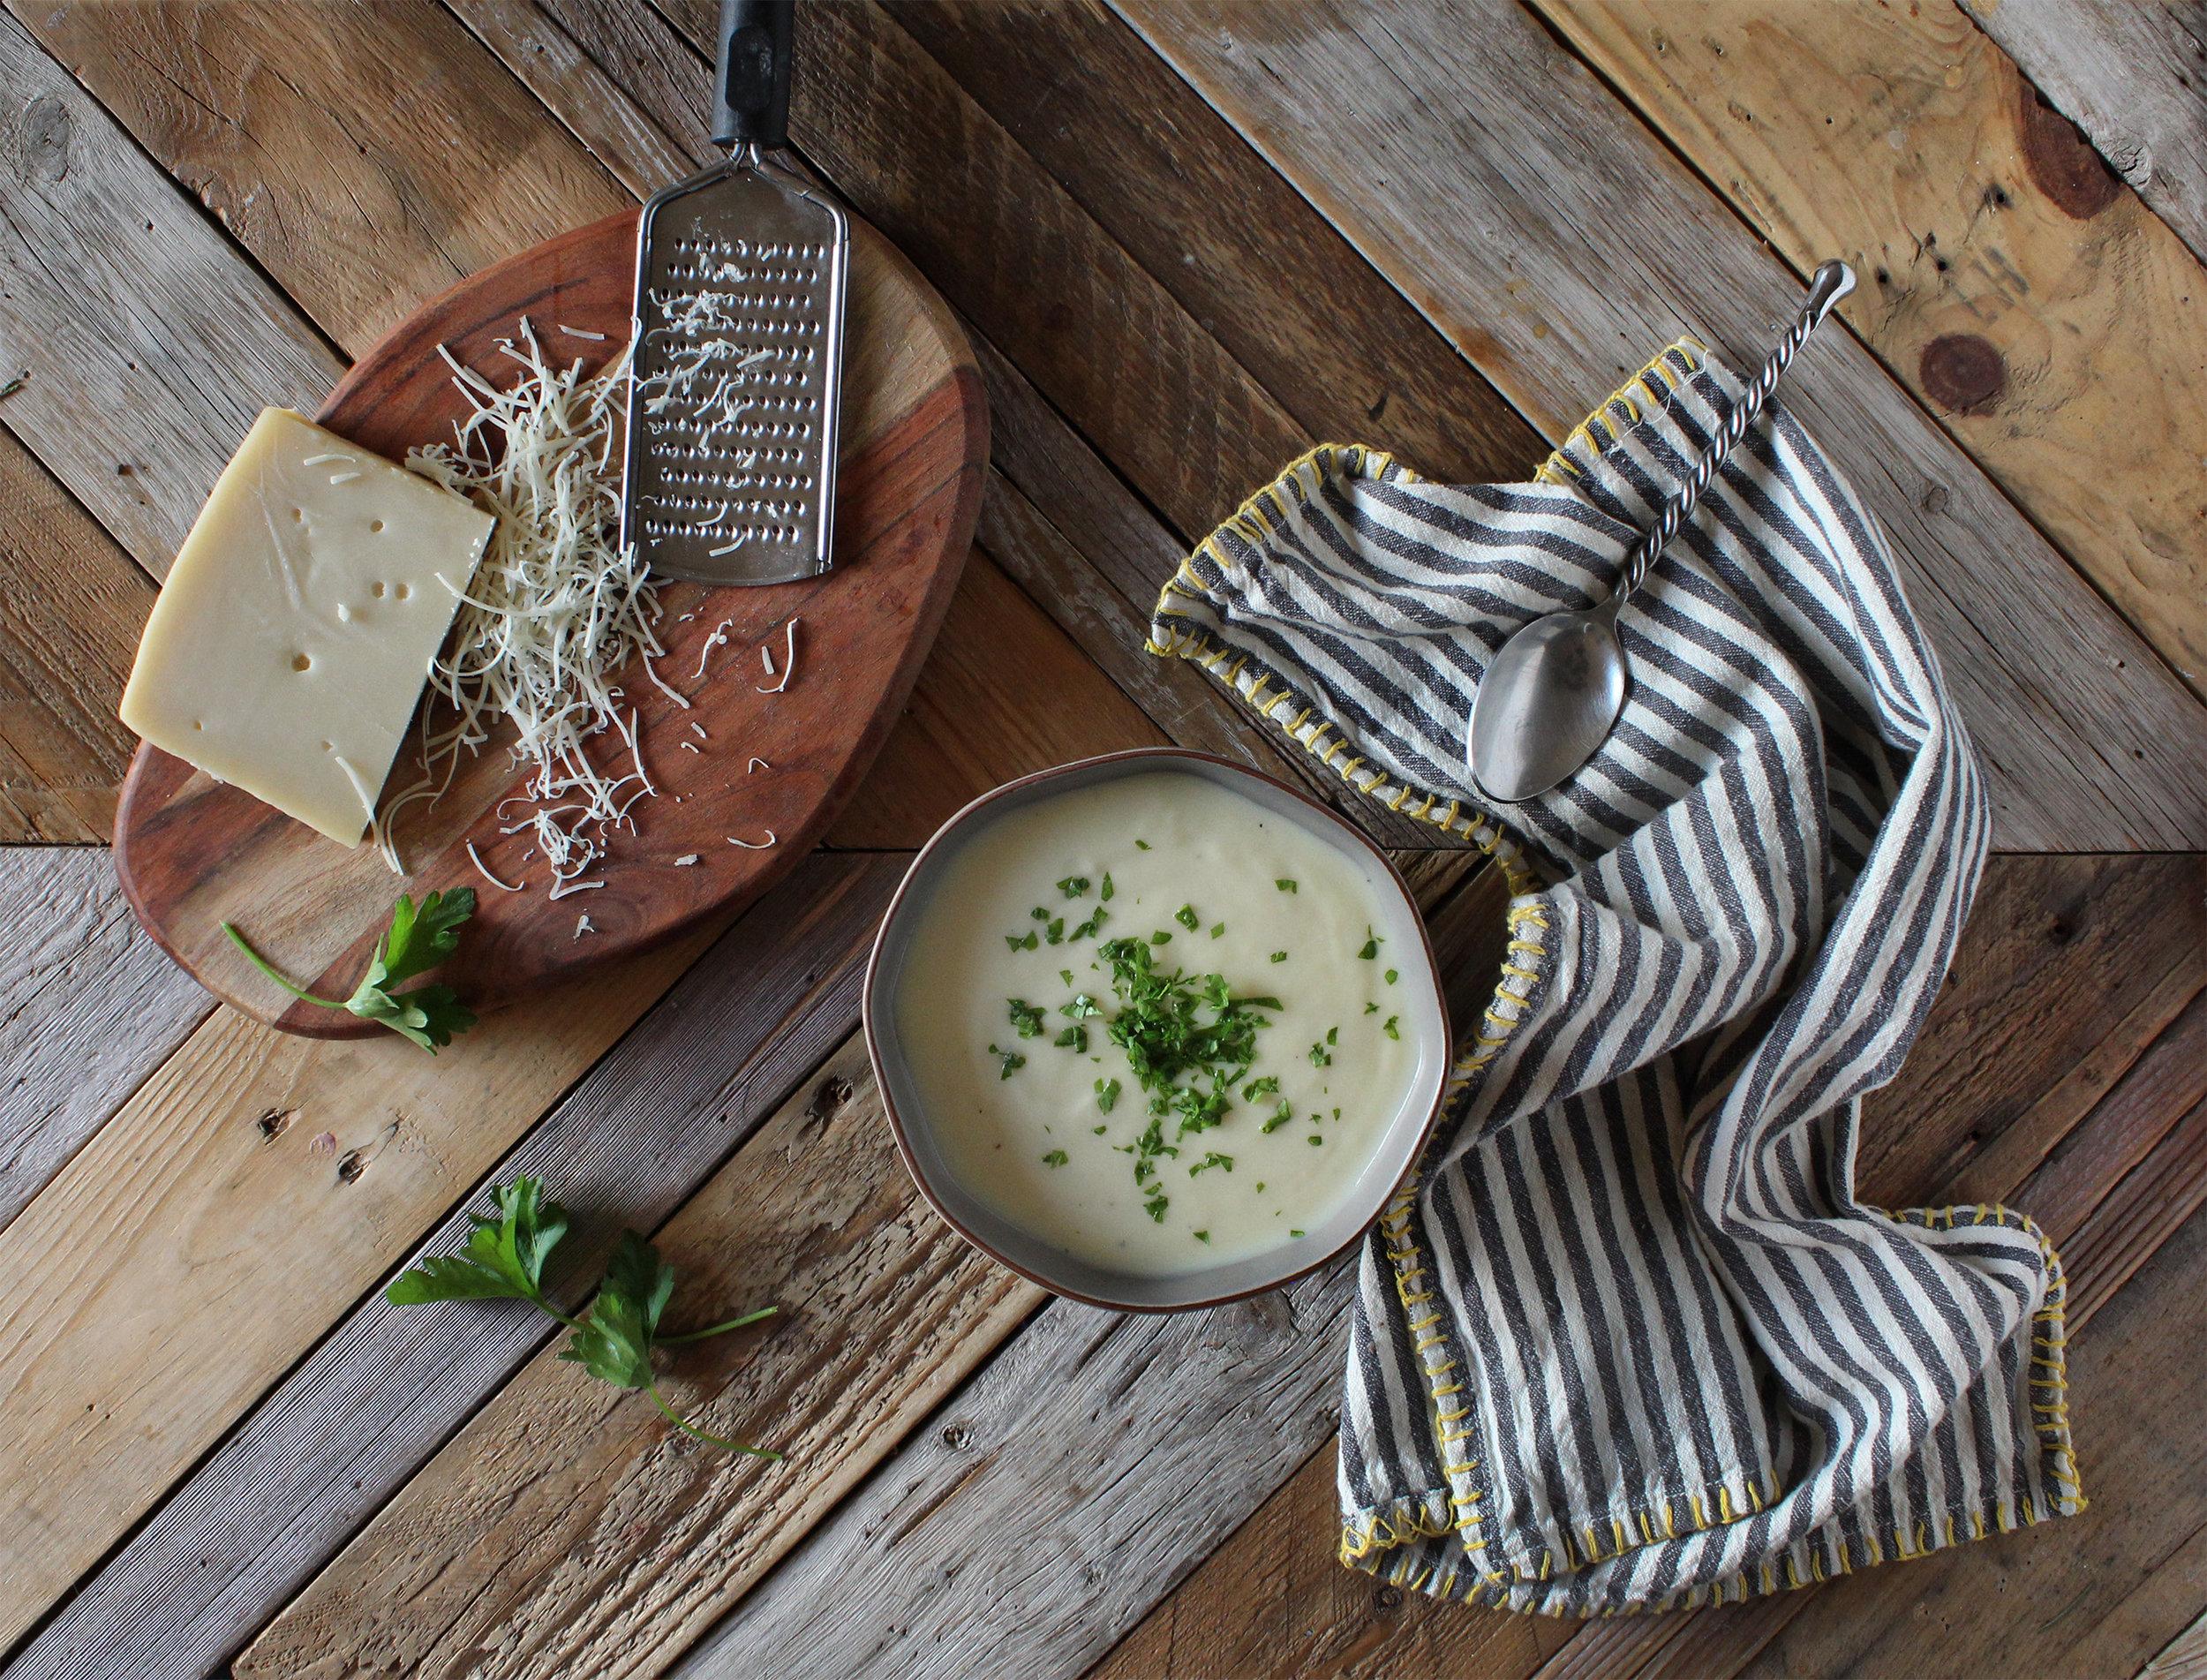 Creamy Winter Parsnip Soup by Sweet Laurel